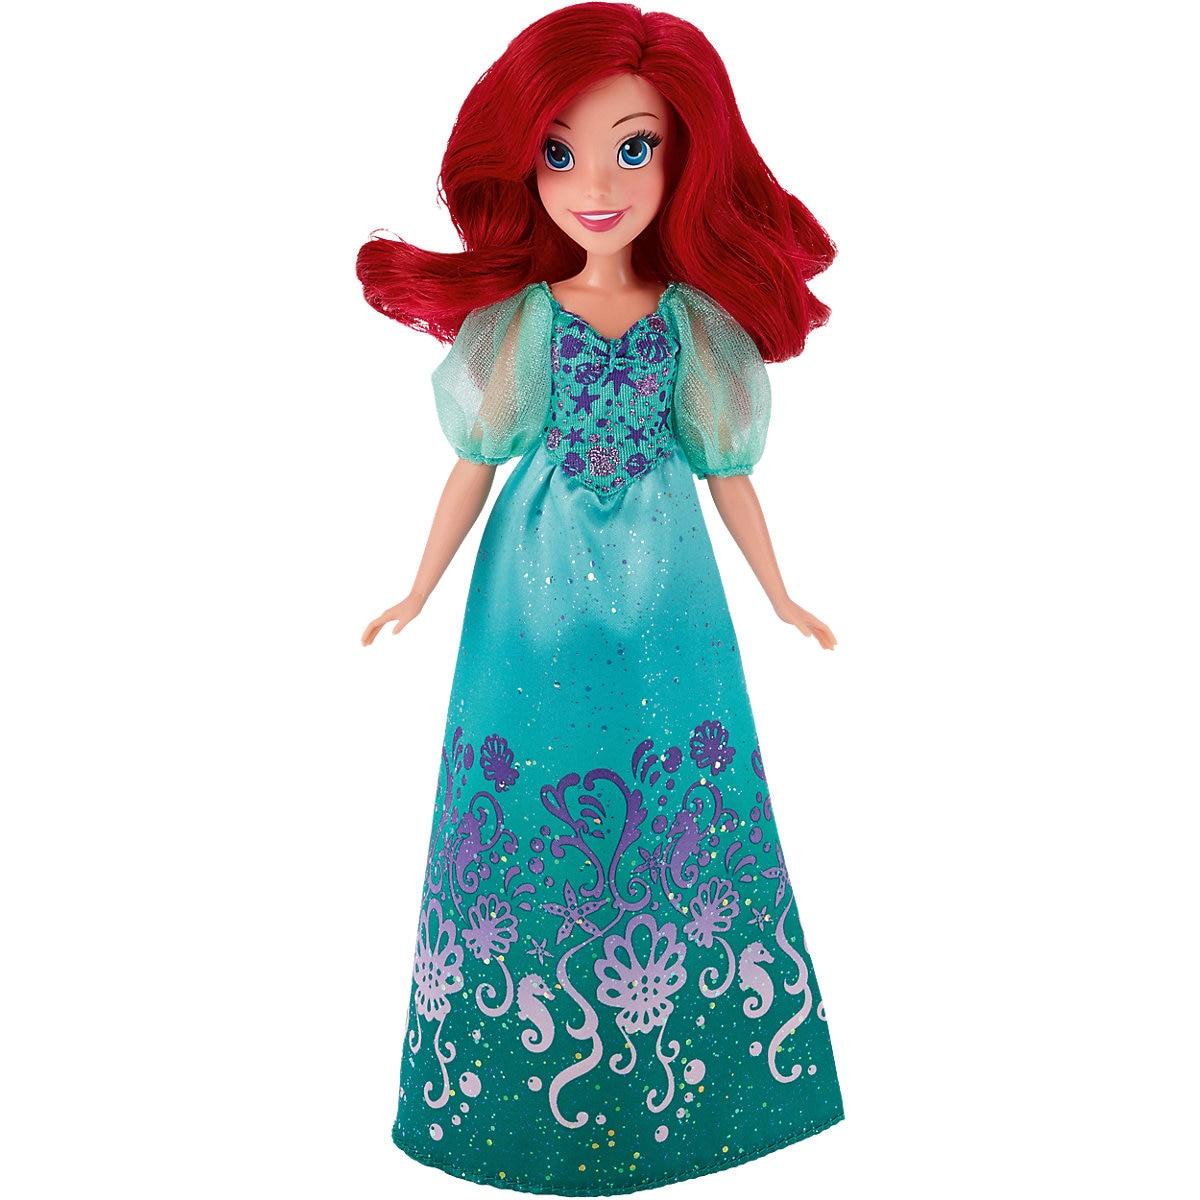 HASBRO poupées 4443703 filles jouets pour enfants fille jouet mode poupée jeu jouer accessoires enfants petite amie MTpromo